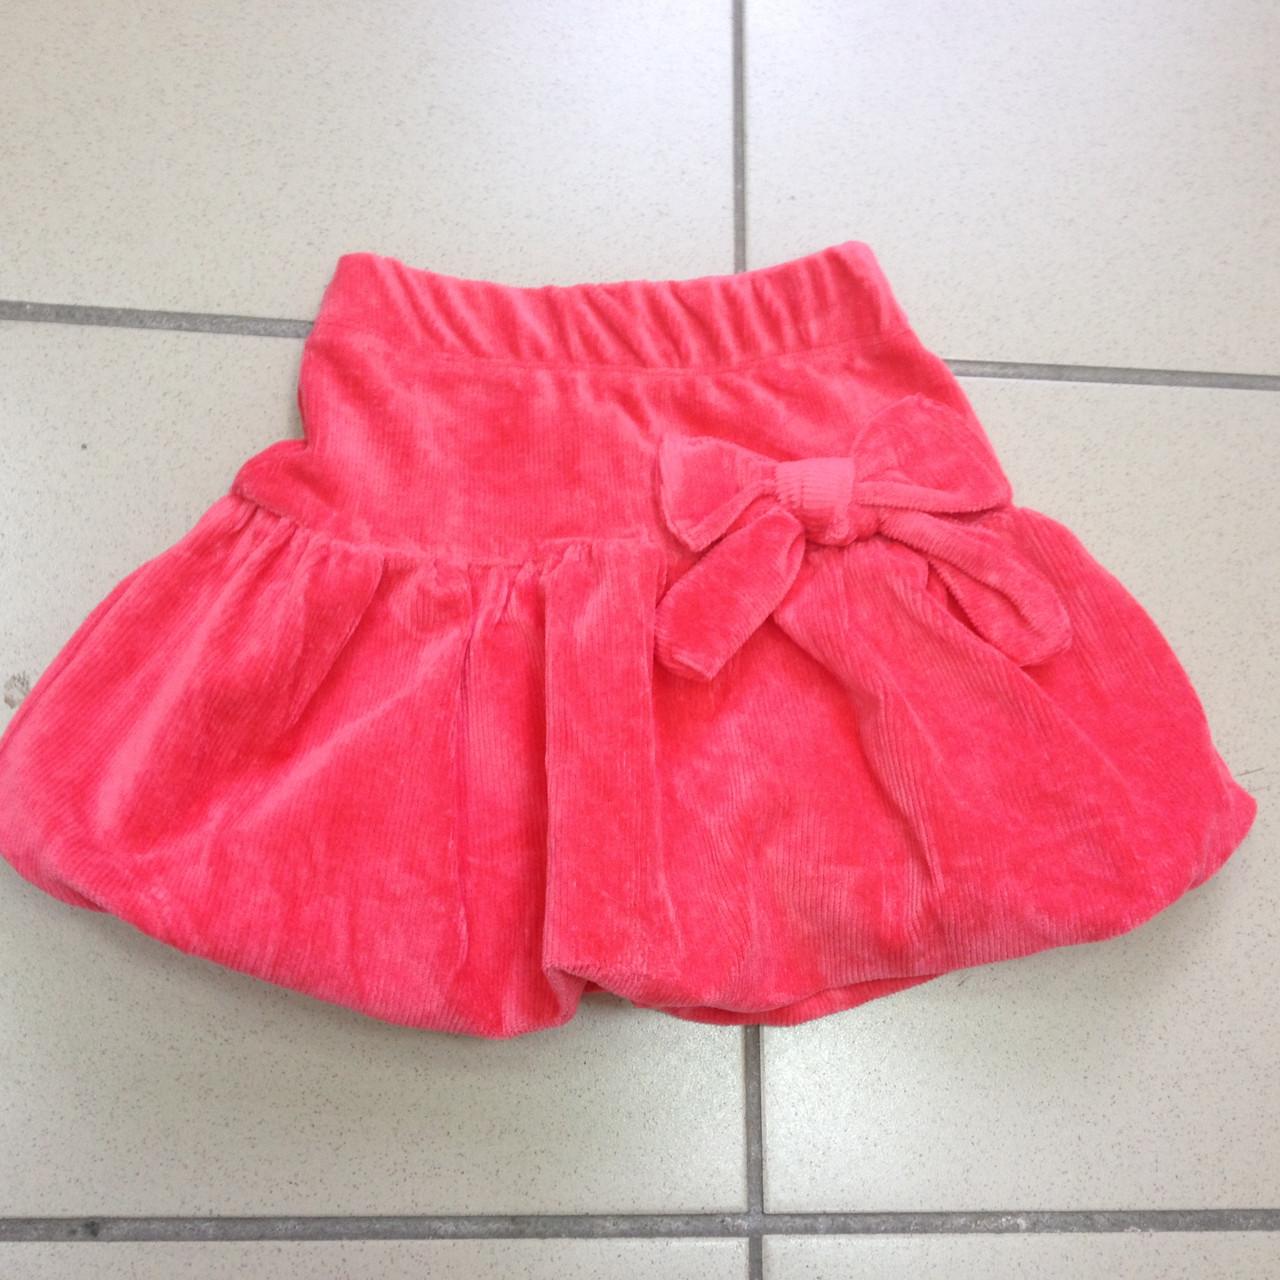 Юбки для девочек 7 лет